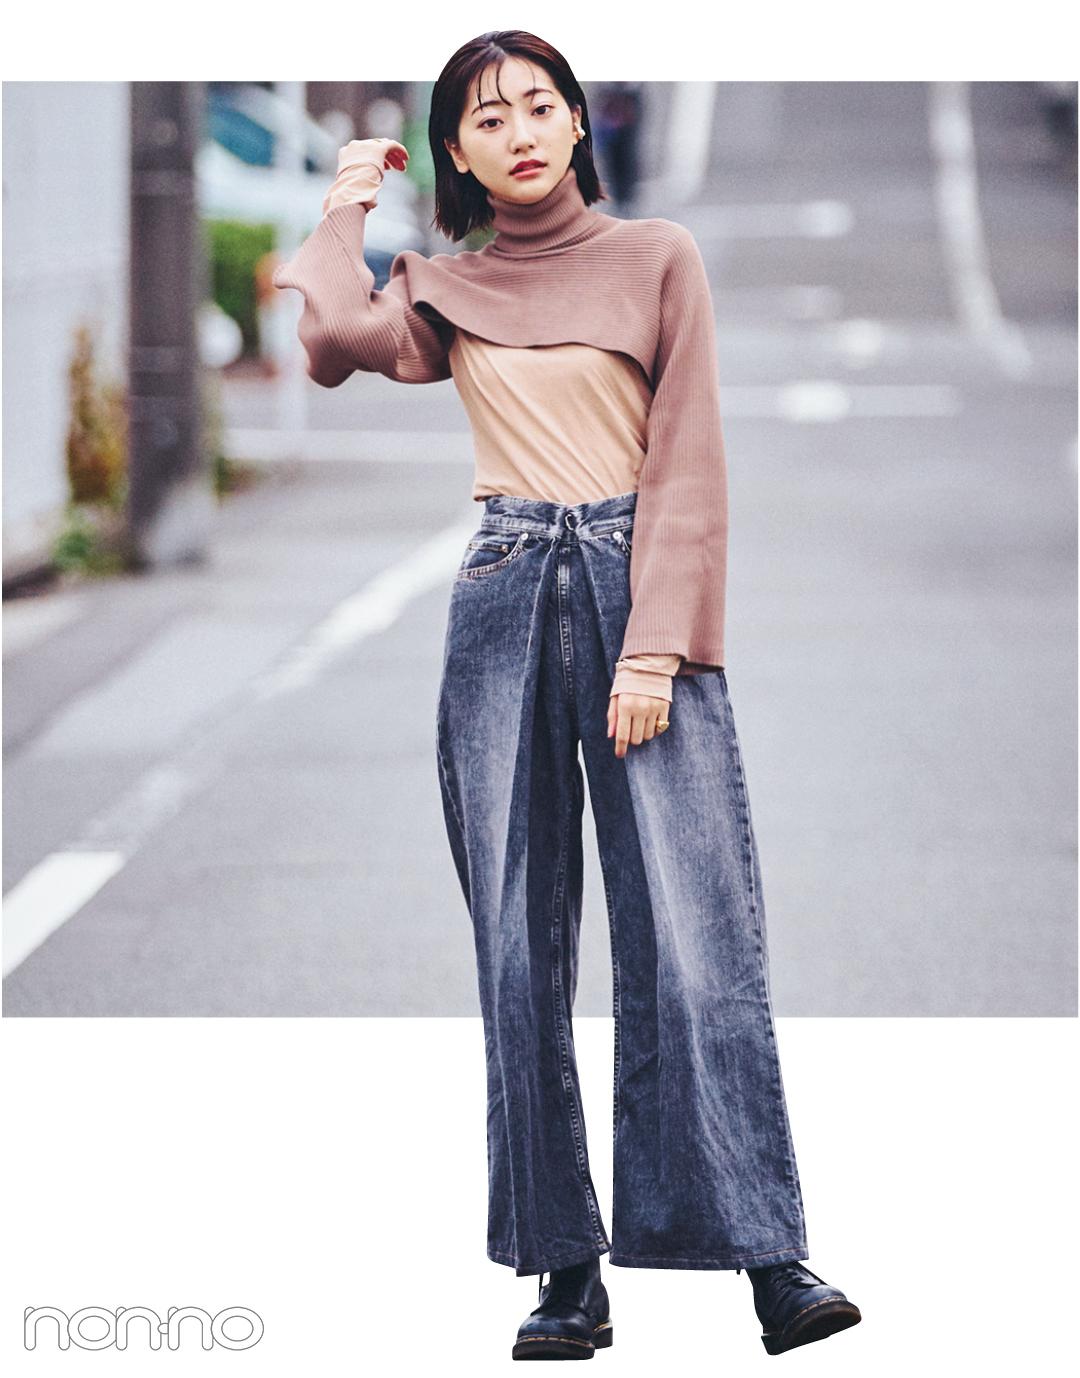 武田玲奈&松川菜々花の冬私服♡ ZARAのニット、韓国通販のパンツが大活躍_1_3